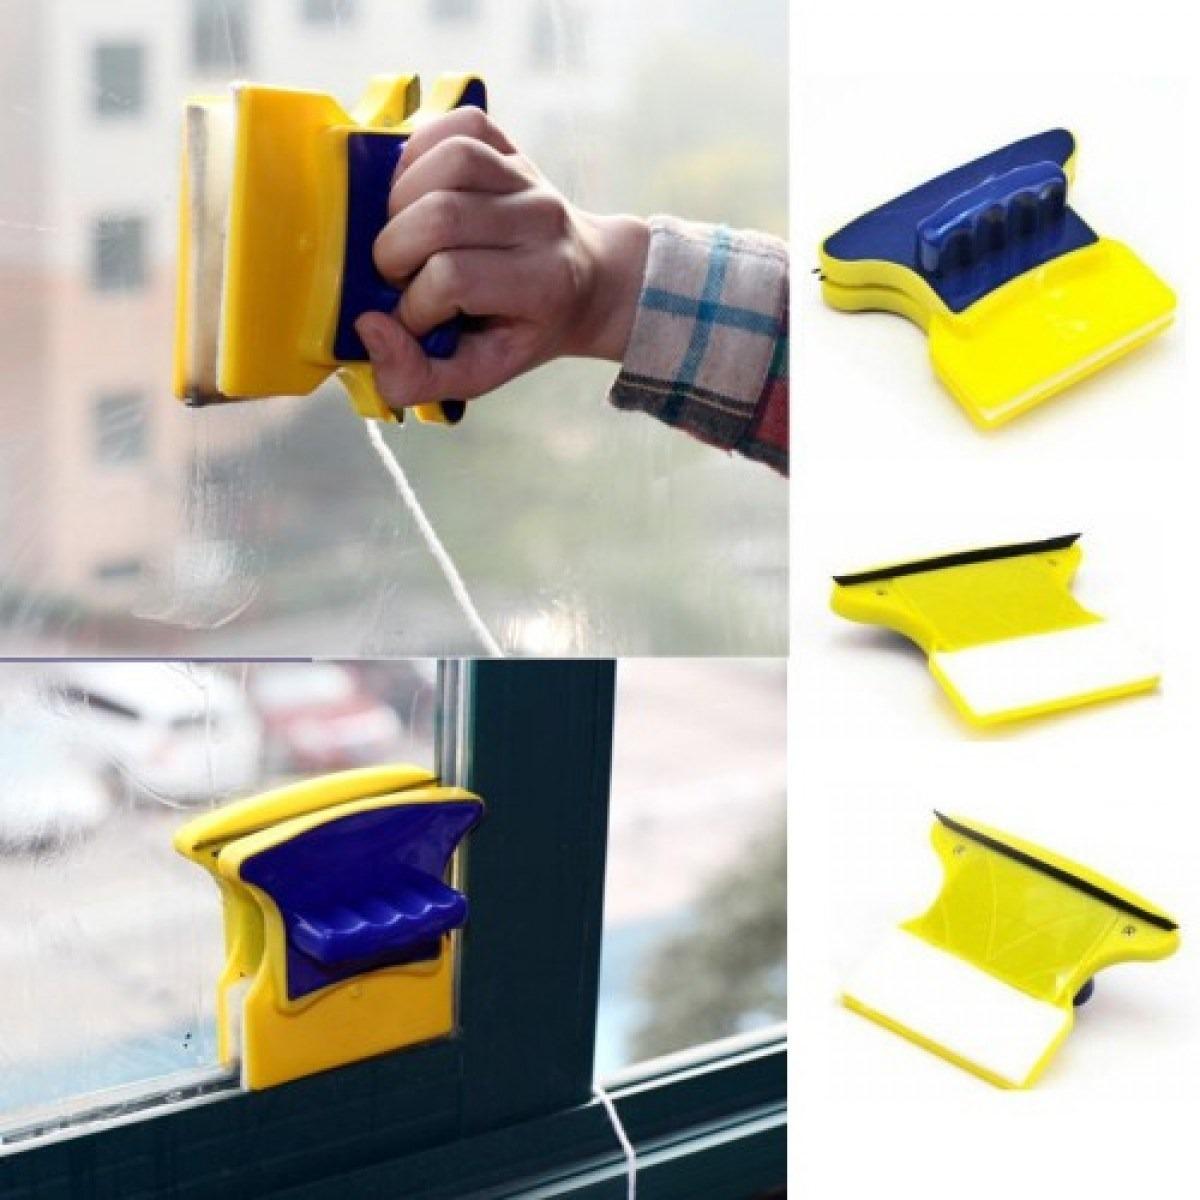 #BE870D Limpador De Vidros E Janelas Magnético Com Feltro Reserva R$ 29 90  790 Limpa Vidros E Janelas Magnético